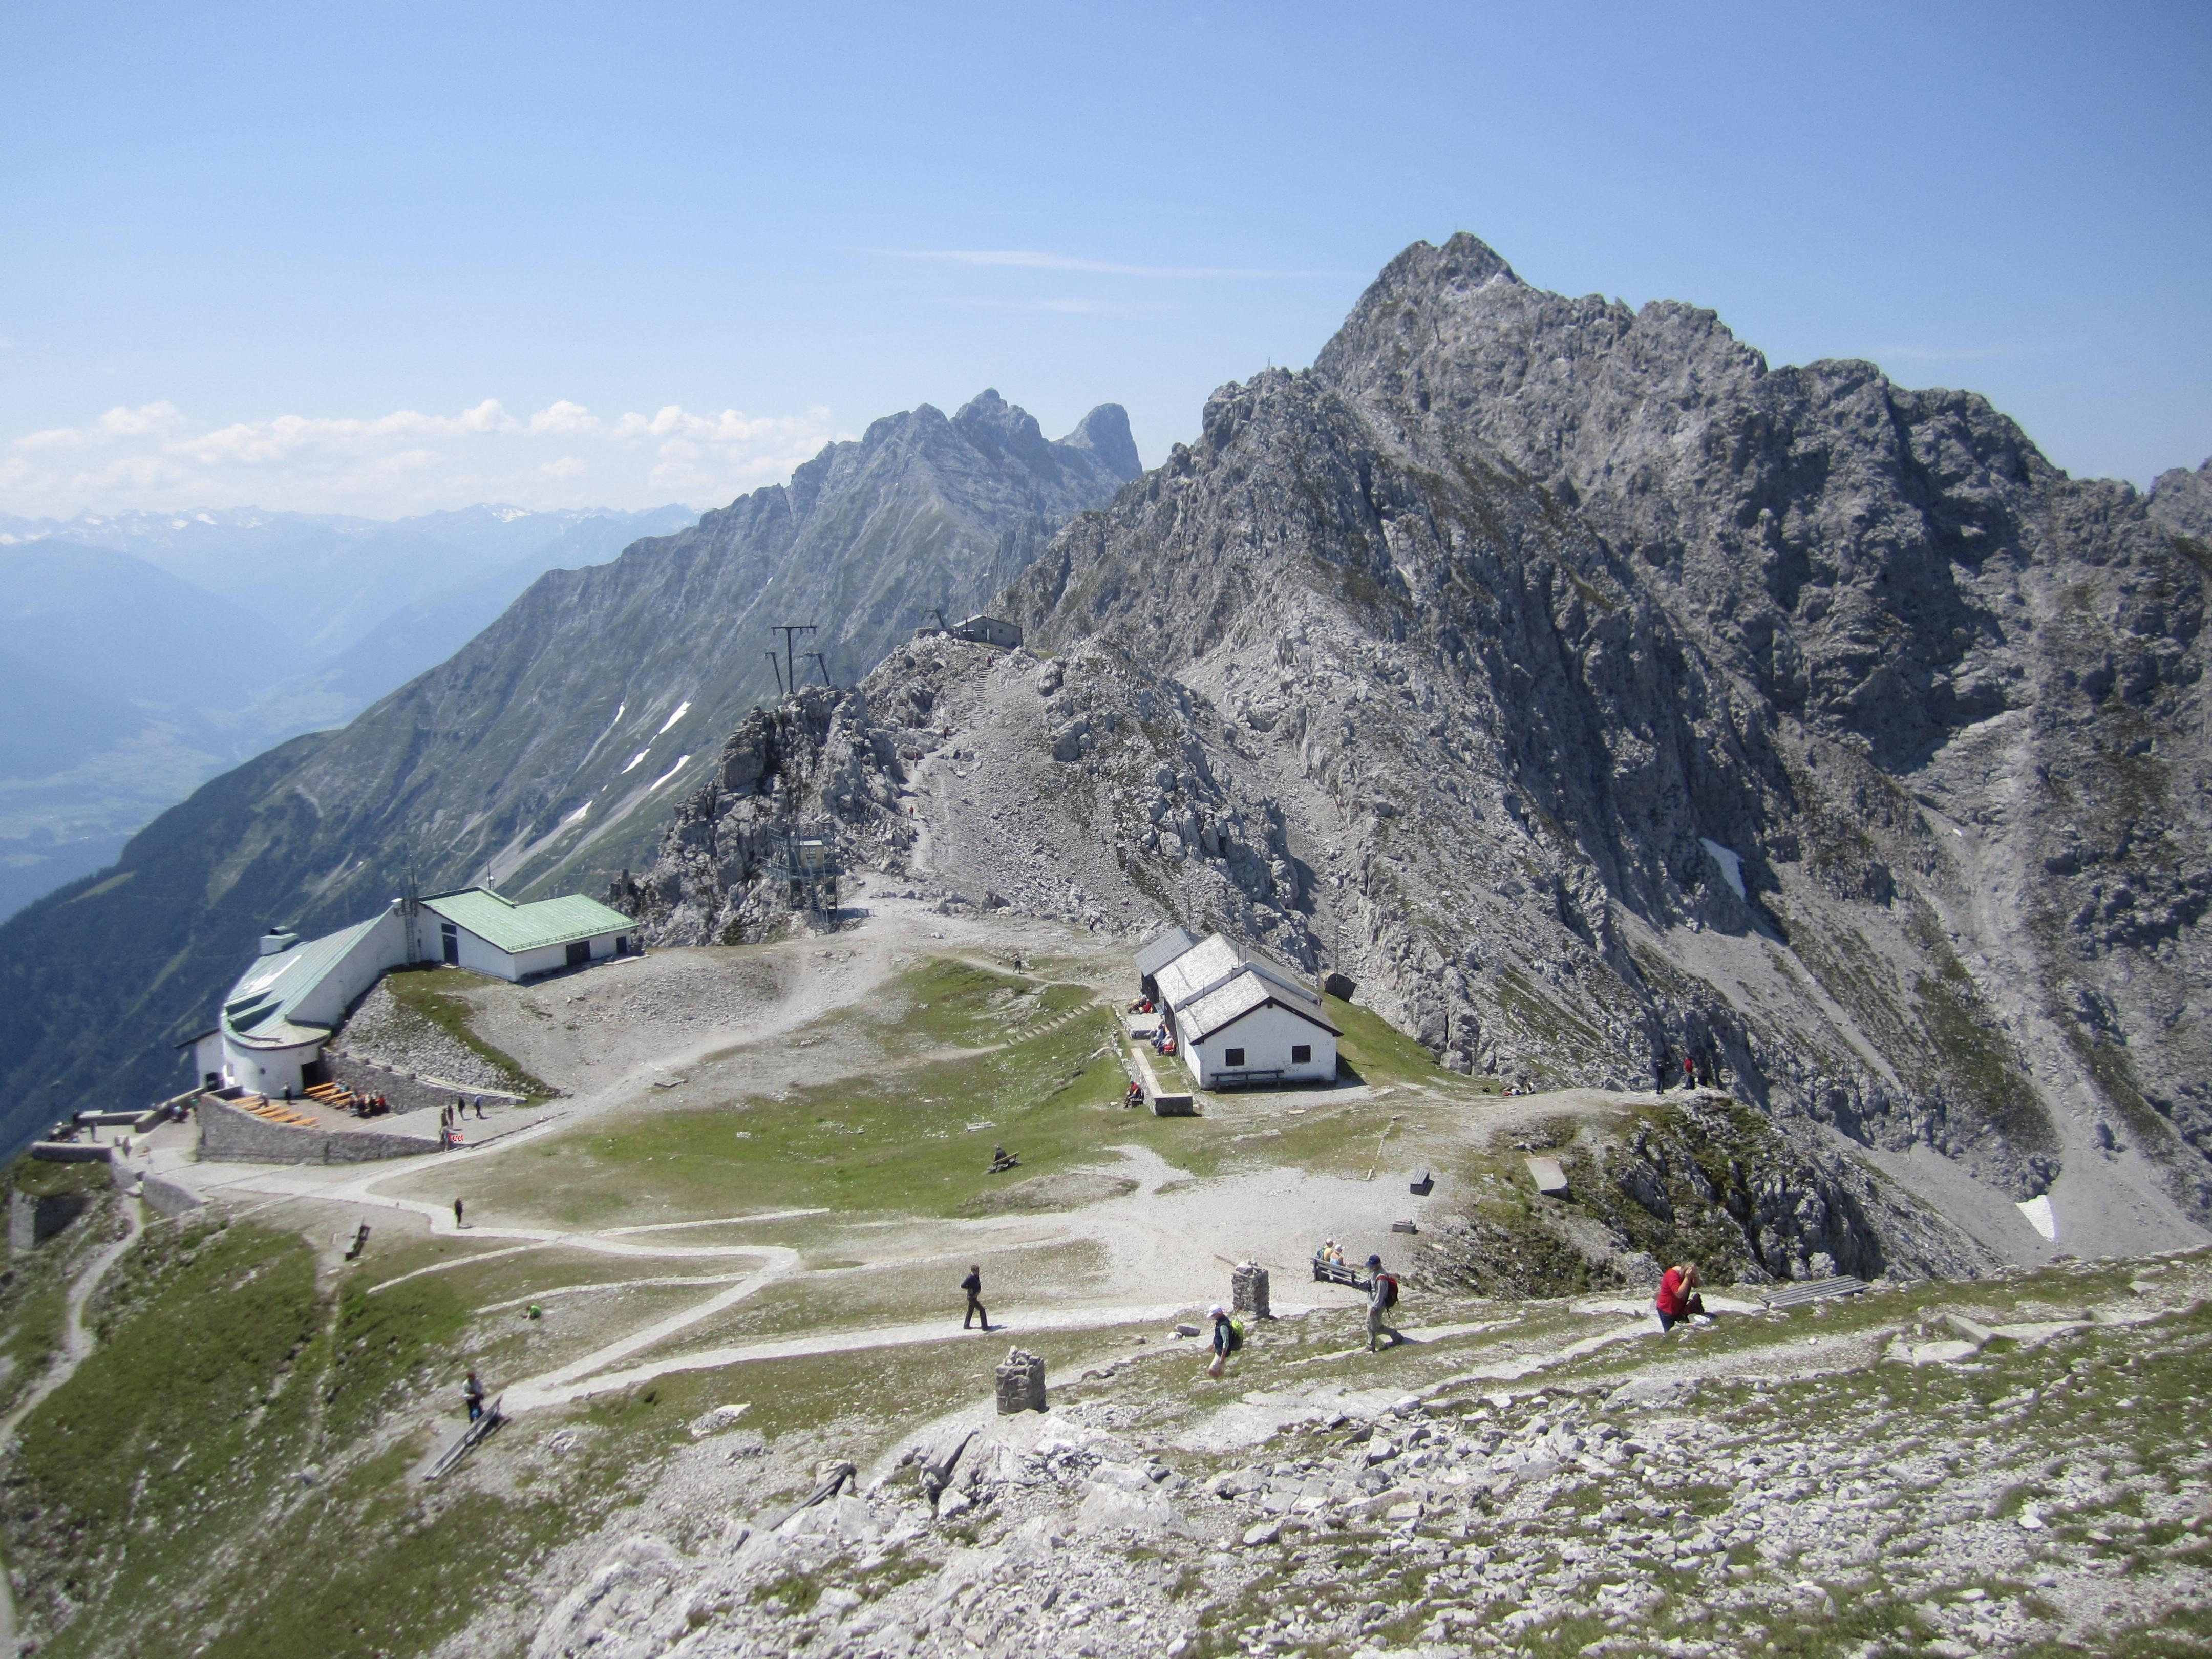 Hafelekar, Innsbruck | Full Aperture